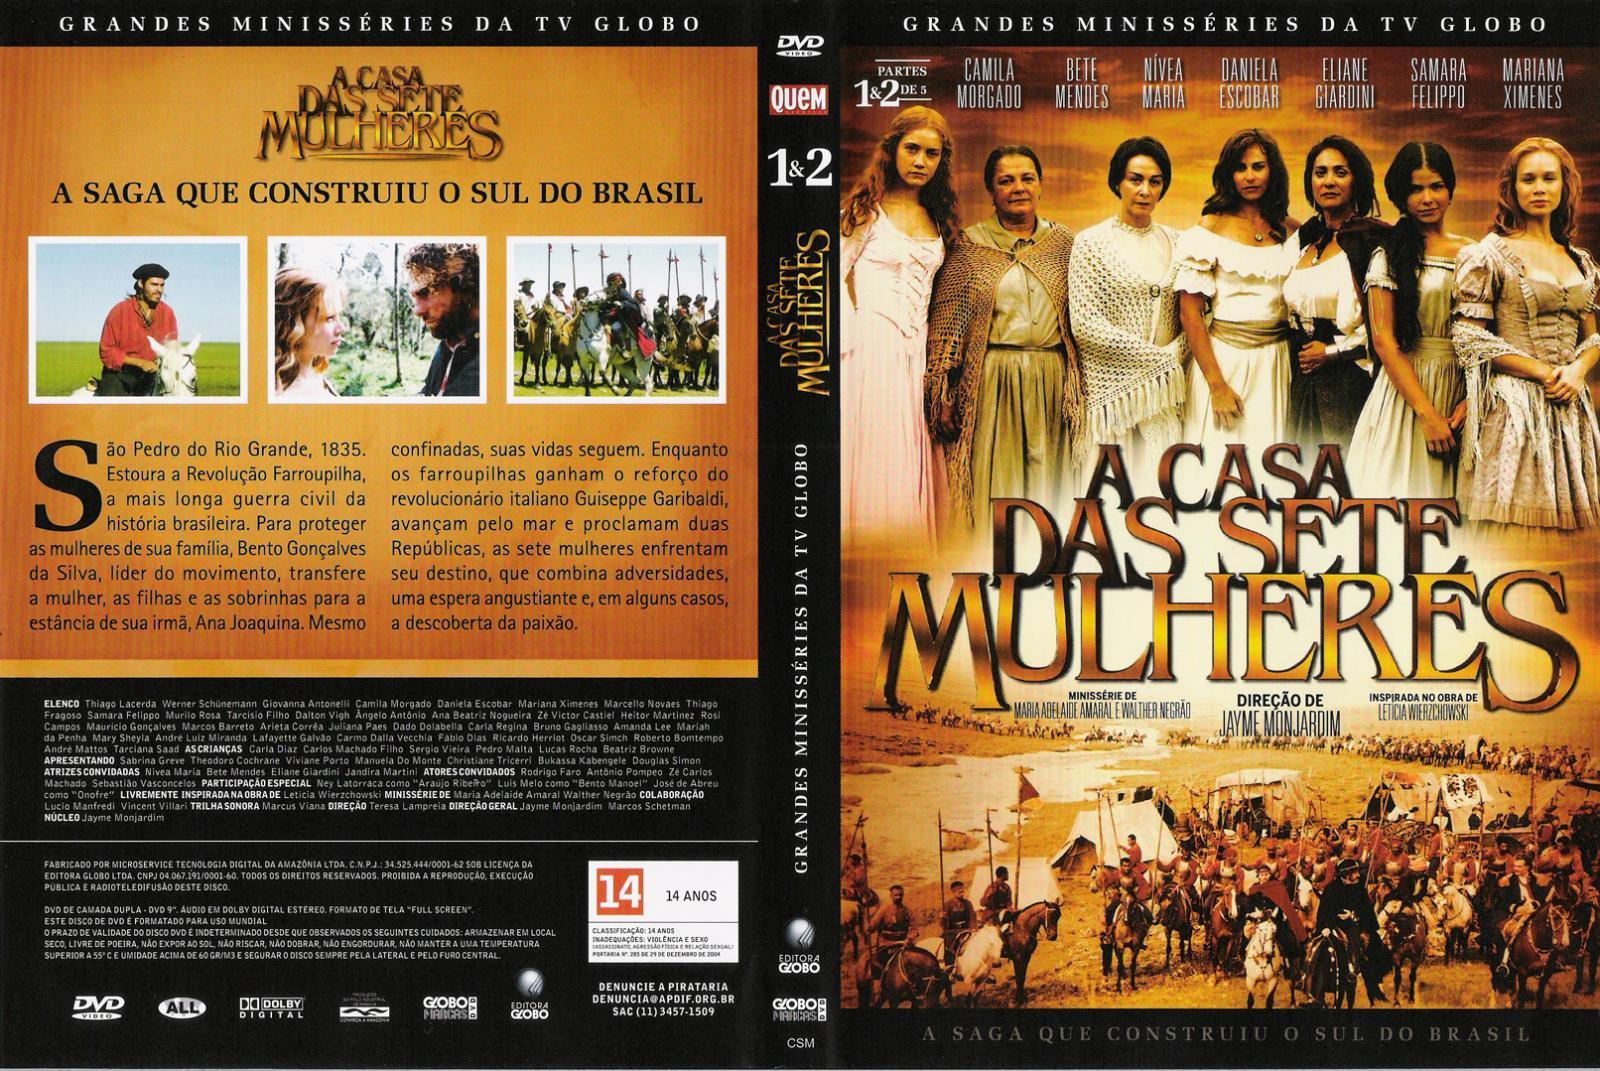 http://3.bp.blogspot.com/-uhN2jOH9tKE/TWrtXIrGxXI/AAAAAAAAAUg/cLVoF7xRCBI/s1600/A_Casa_Das_Sete_Mulheres_Disco_1_%2526_2.jpg